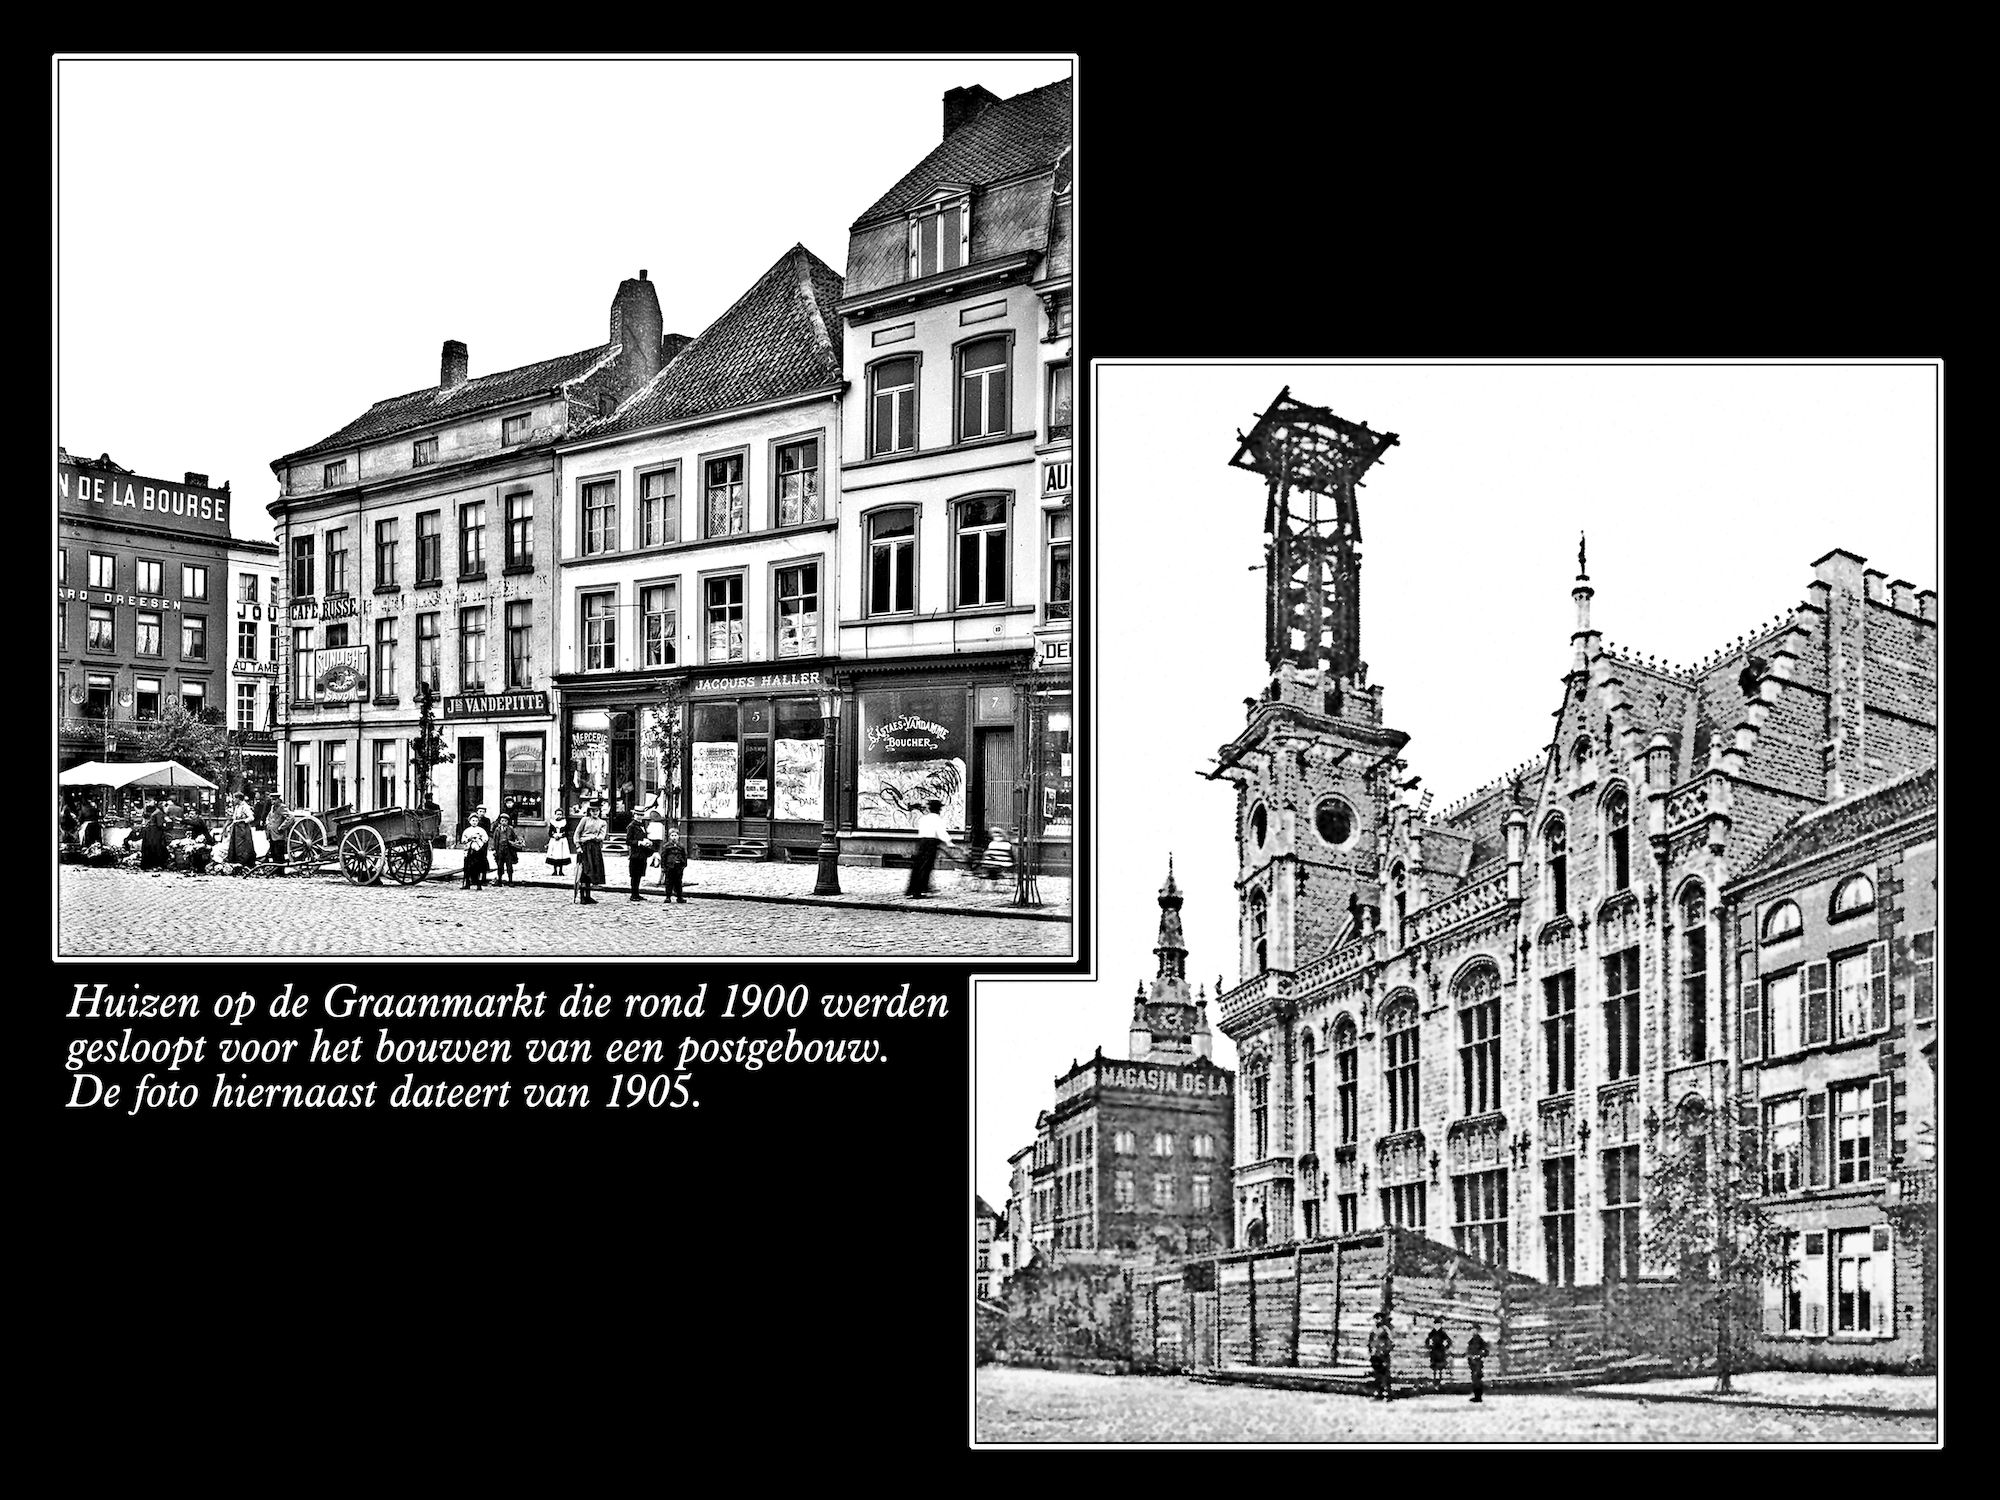 Graanmarkt ca 1900 en 1905